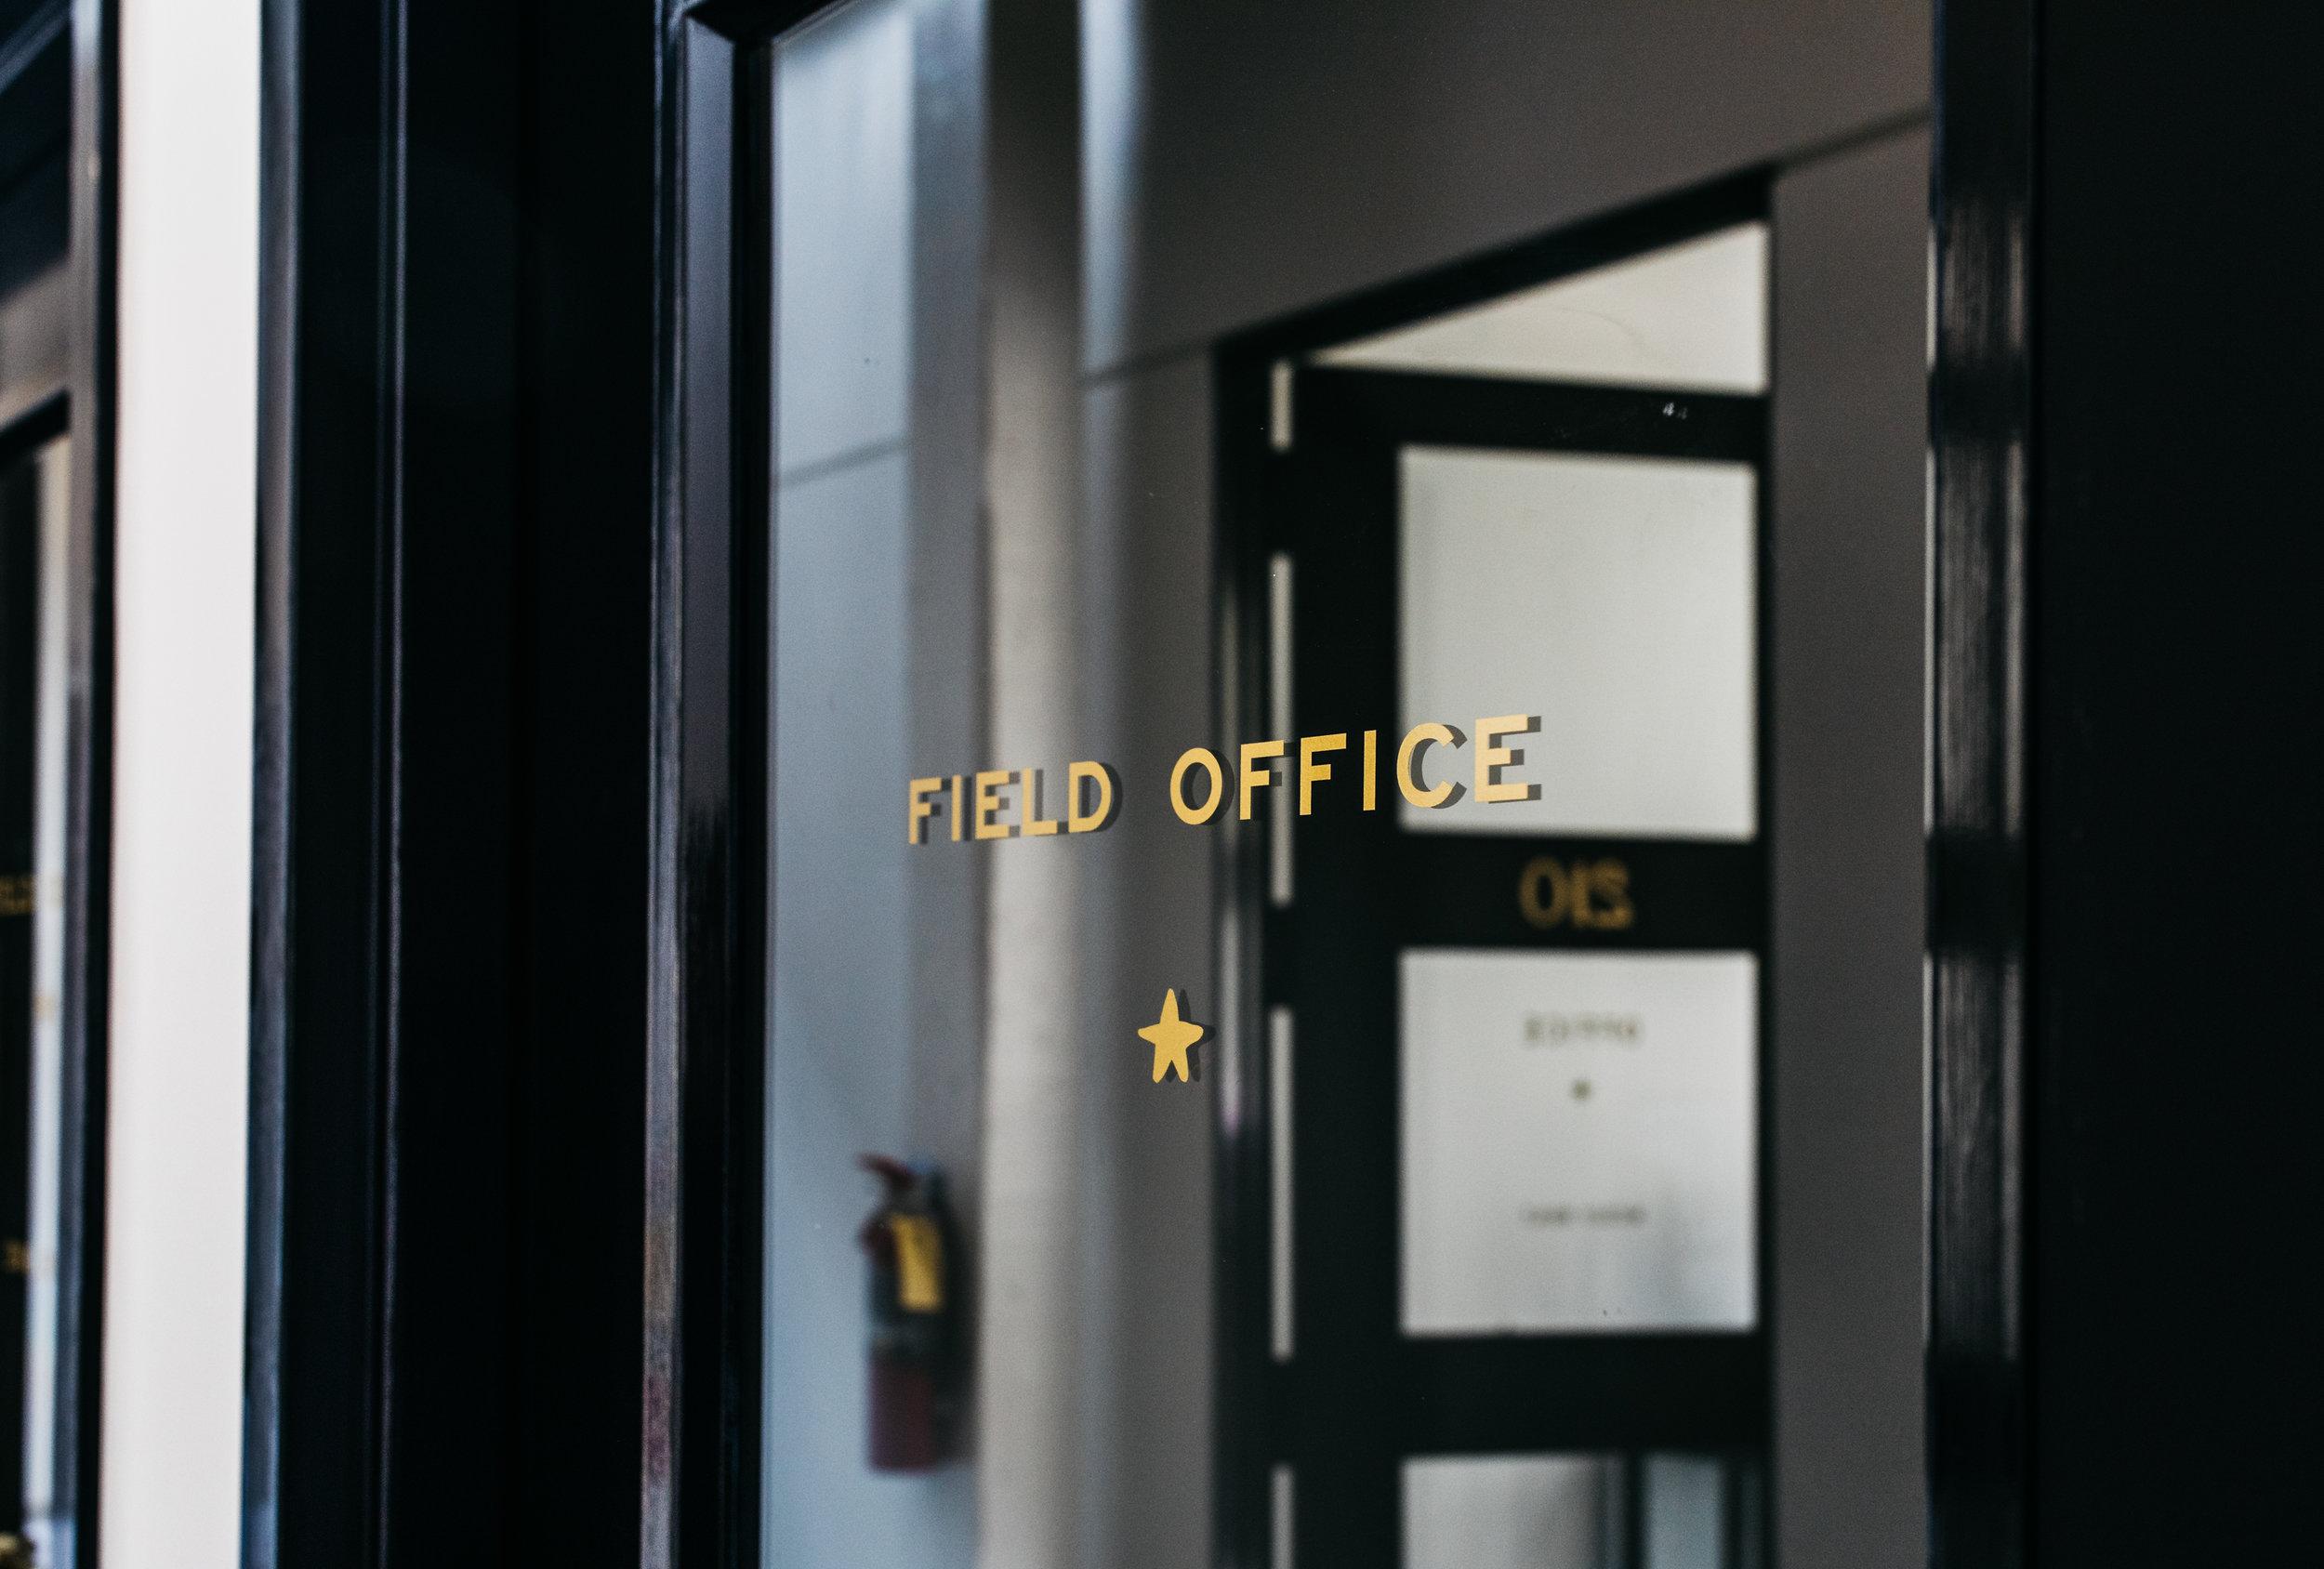 Field Office.jpg